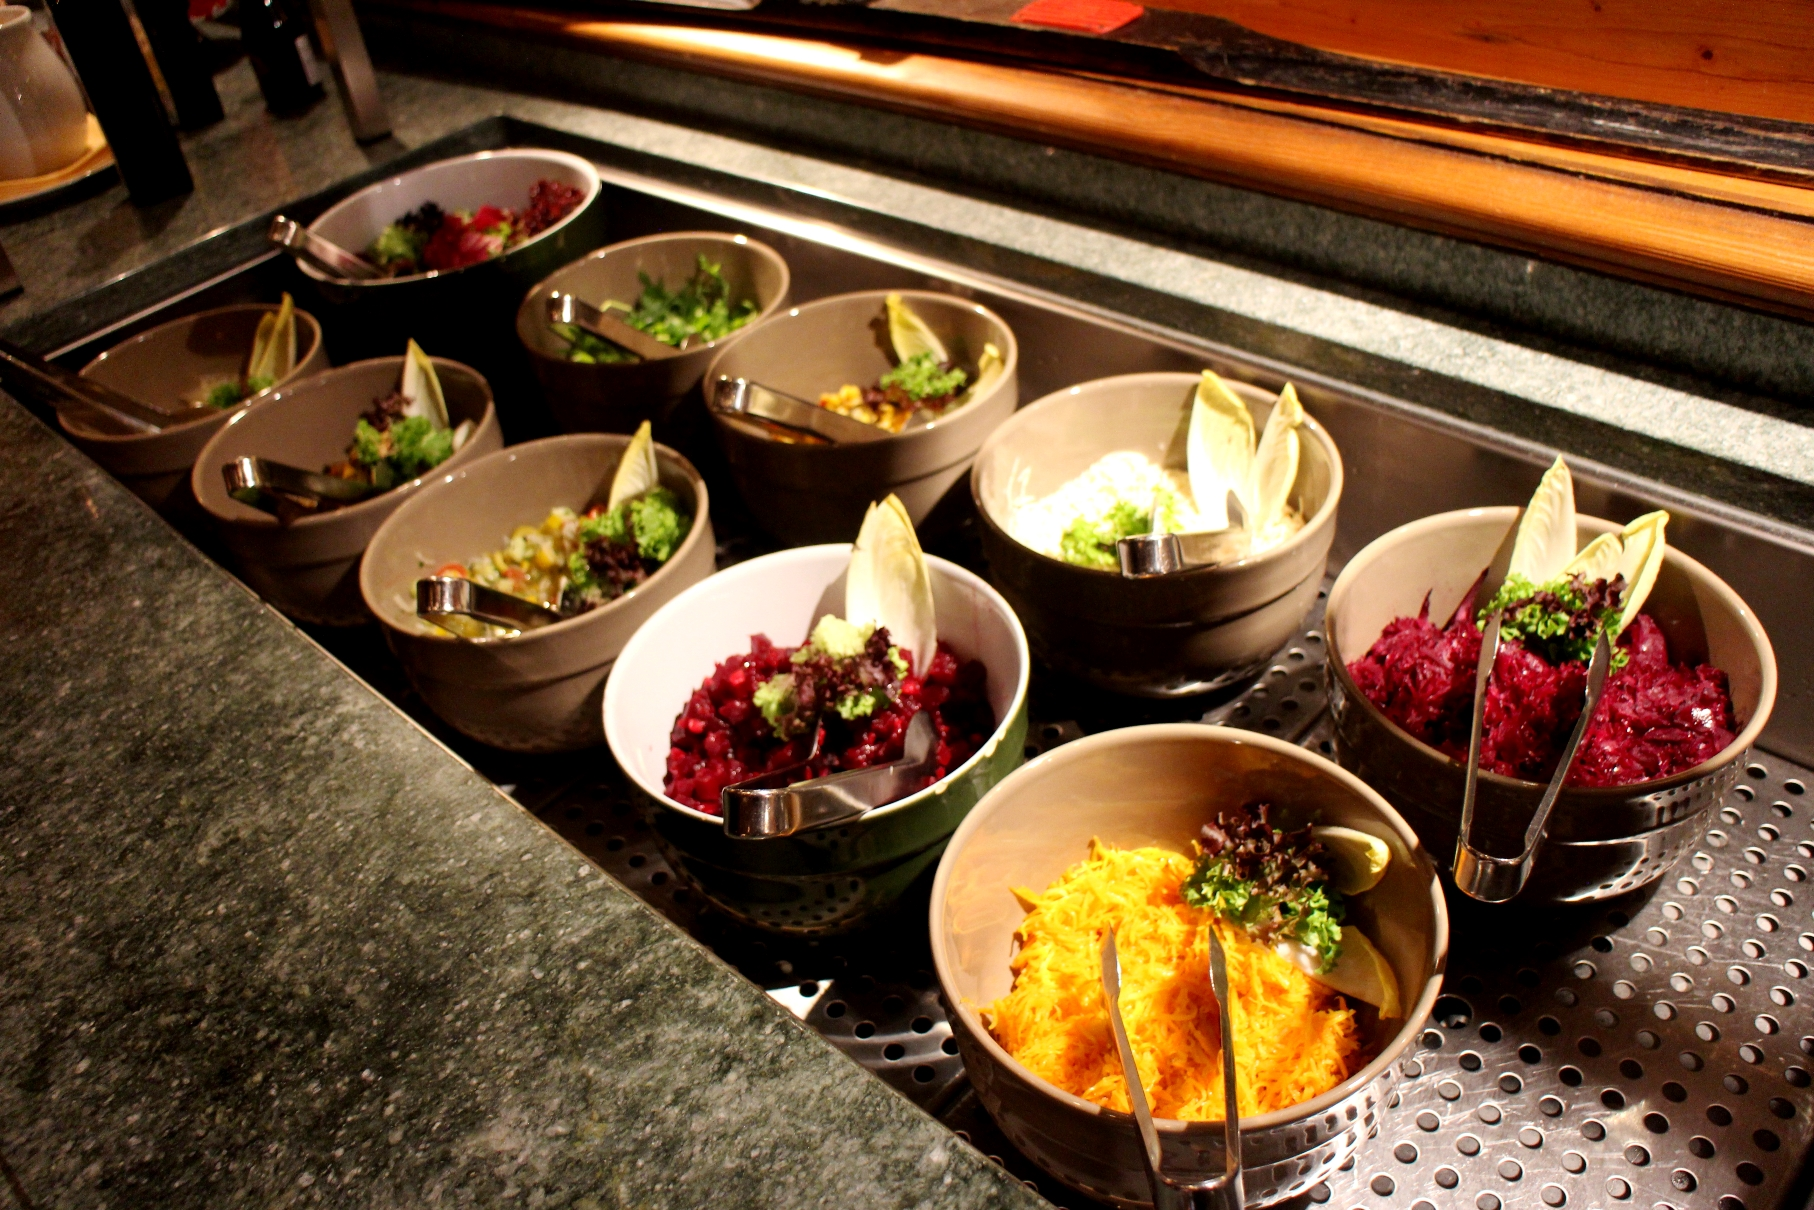 ビュッフェでは新鮮な野菜も多く並ぶ